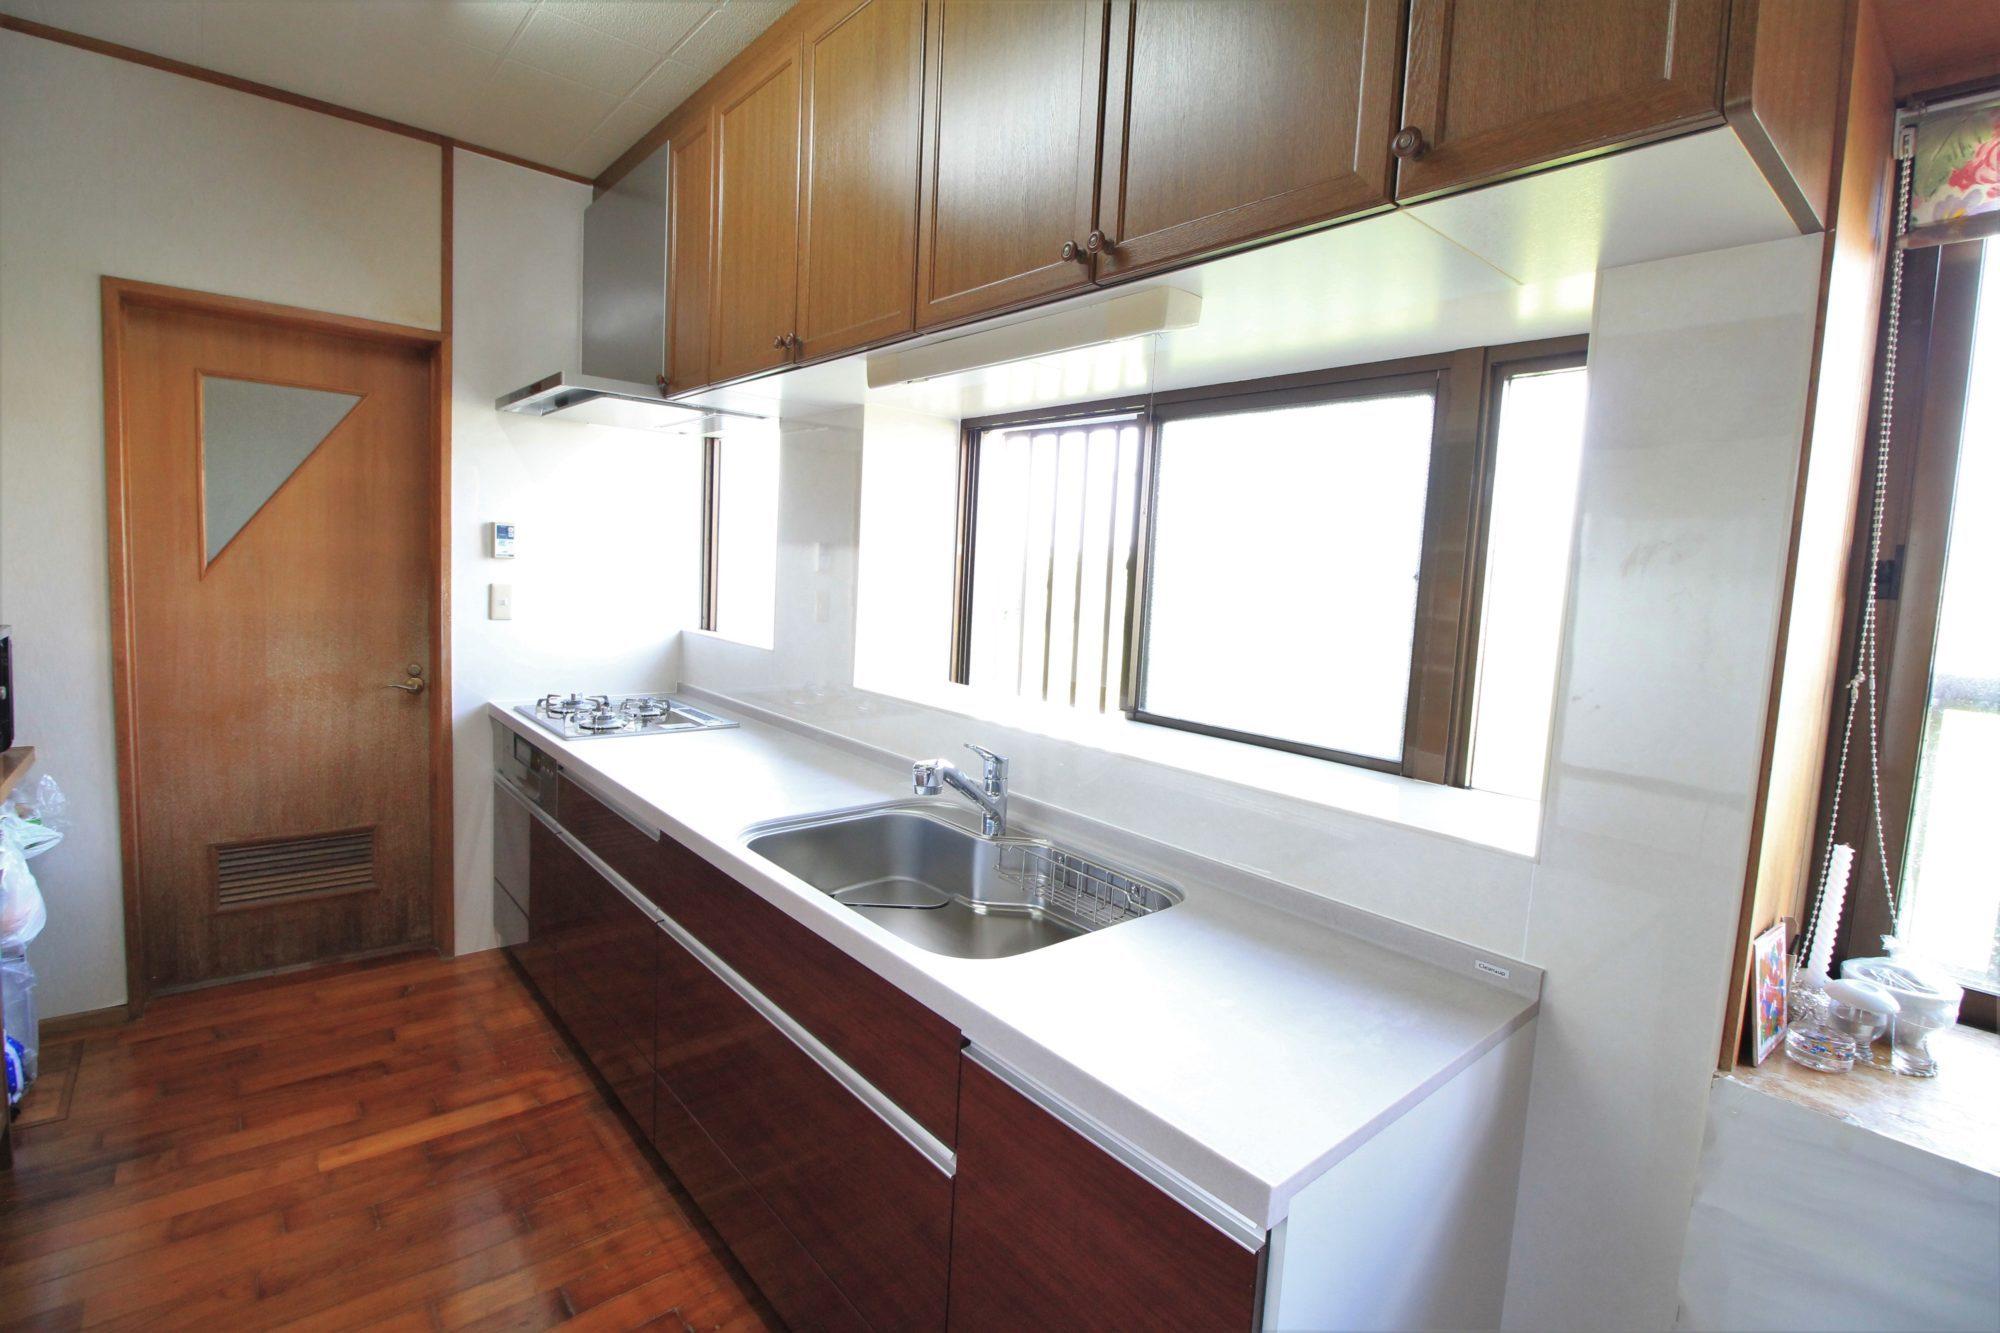 沖縄 リフォーム リノベーション キッチンの取替えリフォーム